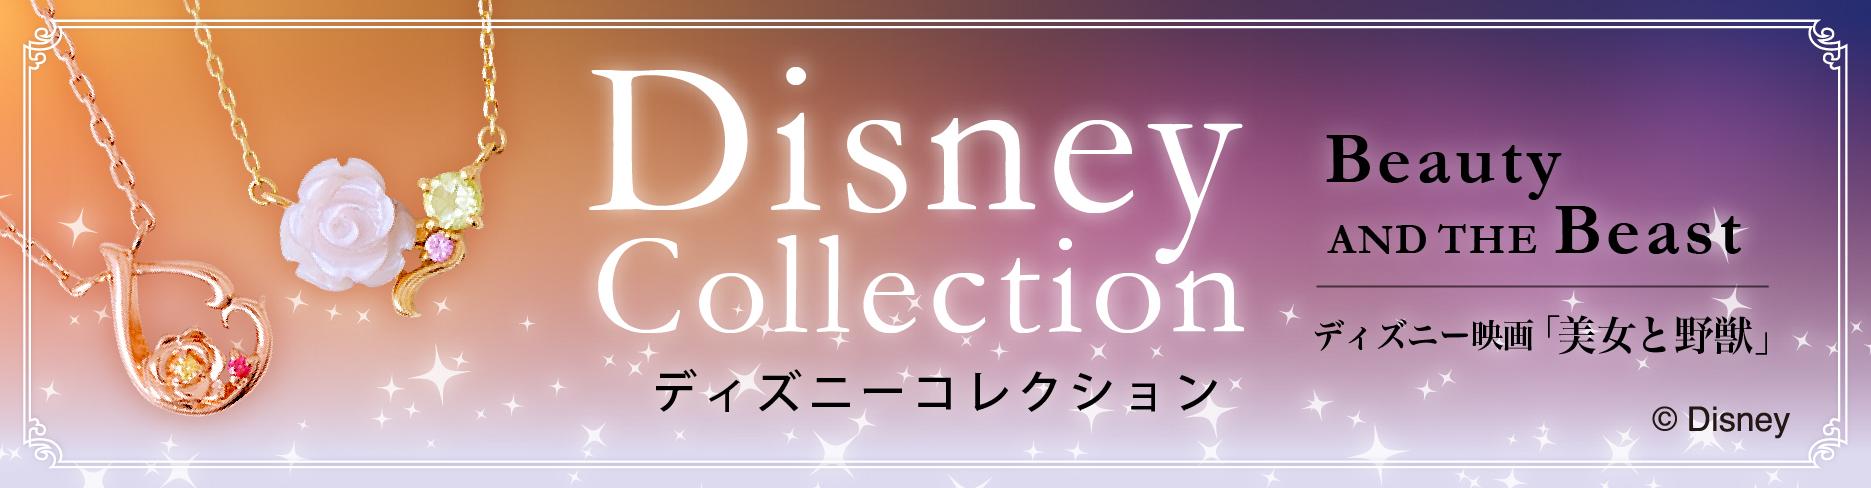 ディズニー映画「美女と野獣」のアクセサリー